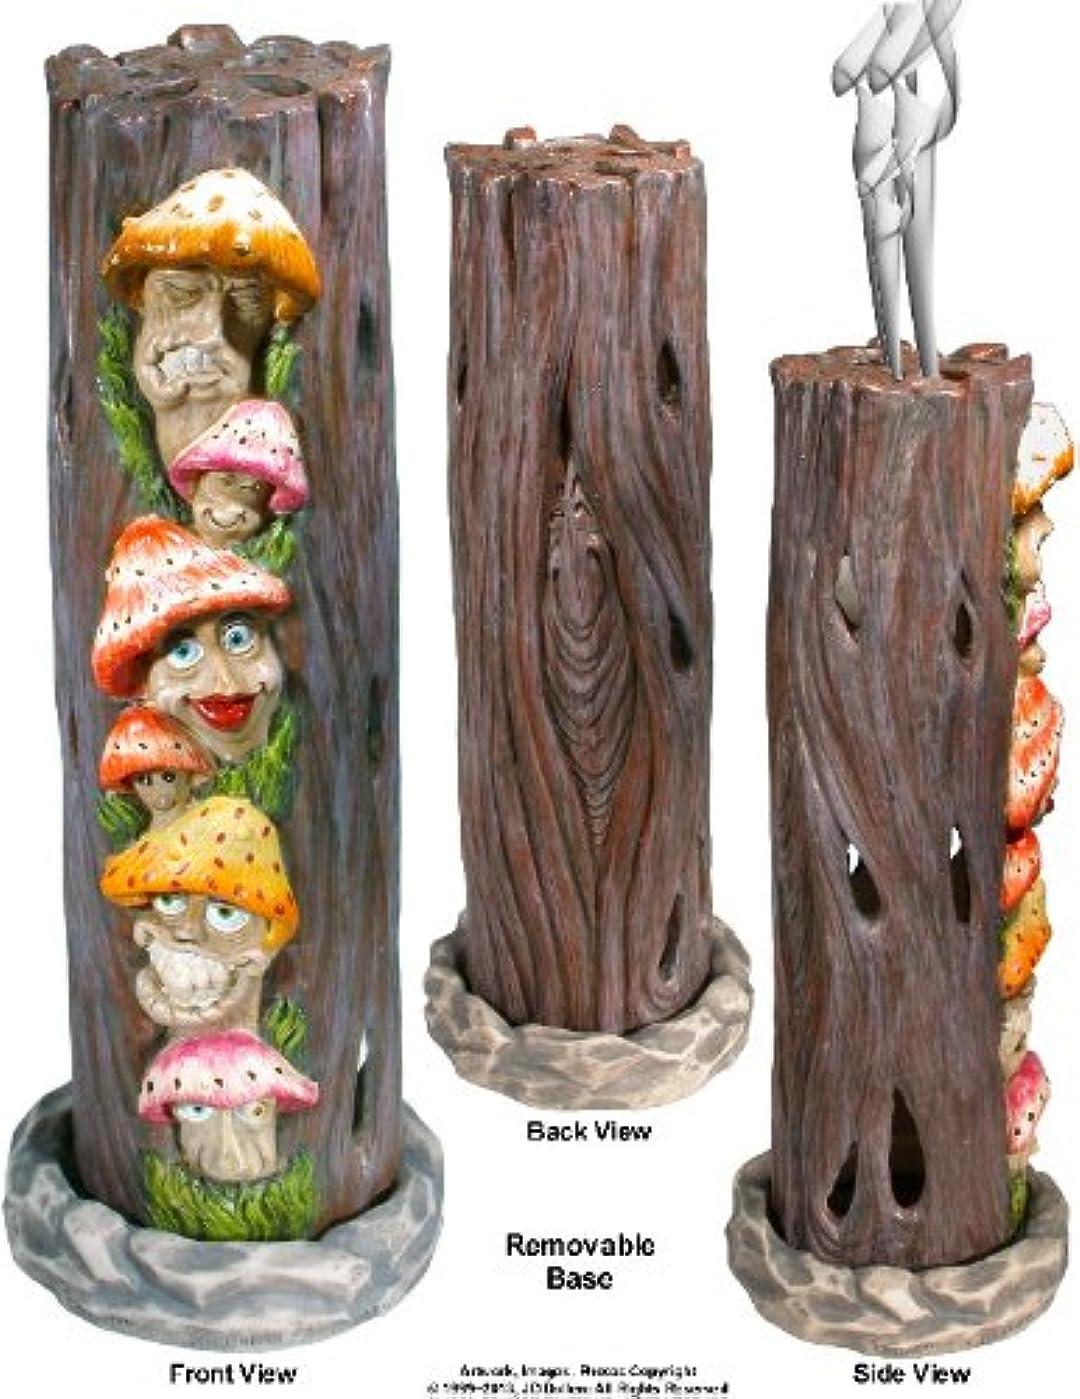 ブロックするではごきげんよう精巧なMushrooms Family inアリスWonderland SmokingタワーIncense burner-ashcatcher by Nose Dessertsブランド